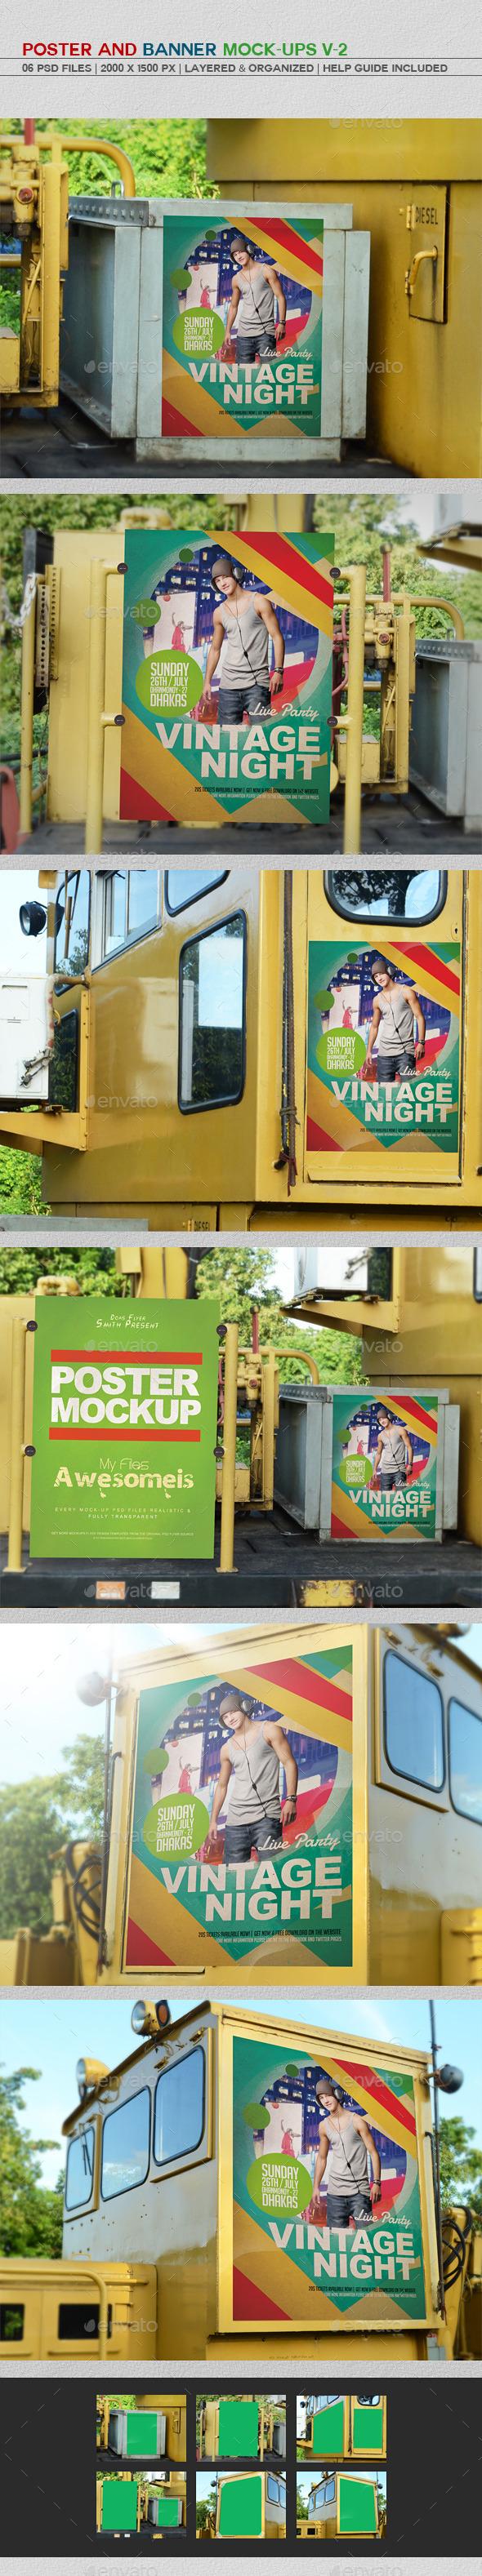 GraphicRiver Poster And Banner Mockups V-2 11361133